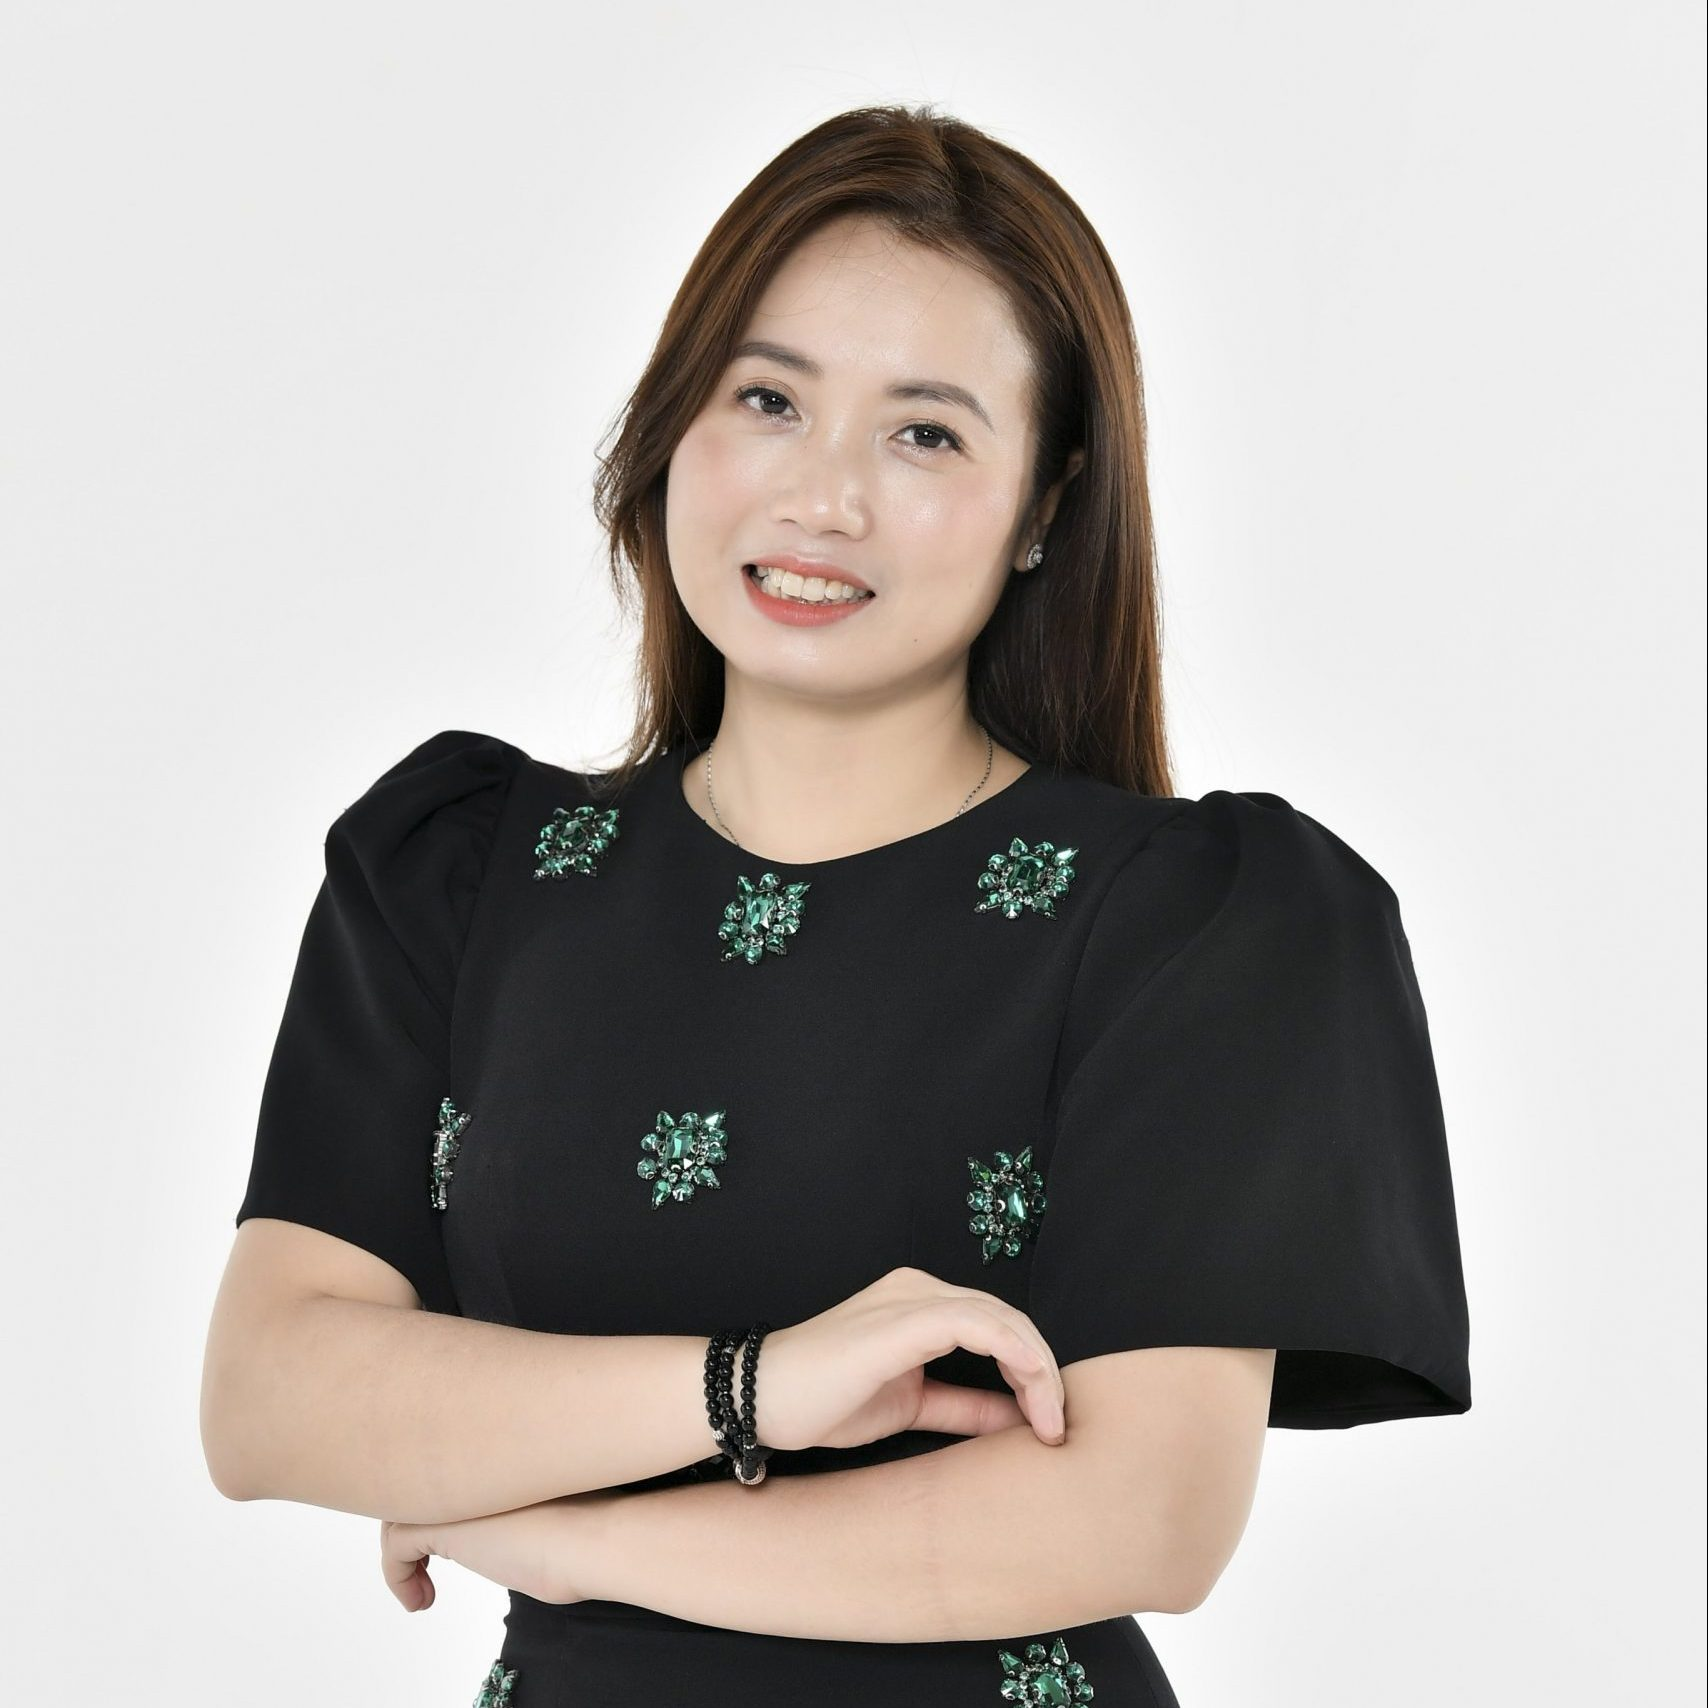 Ms. Nguyễn Thị Bích Ngọc